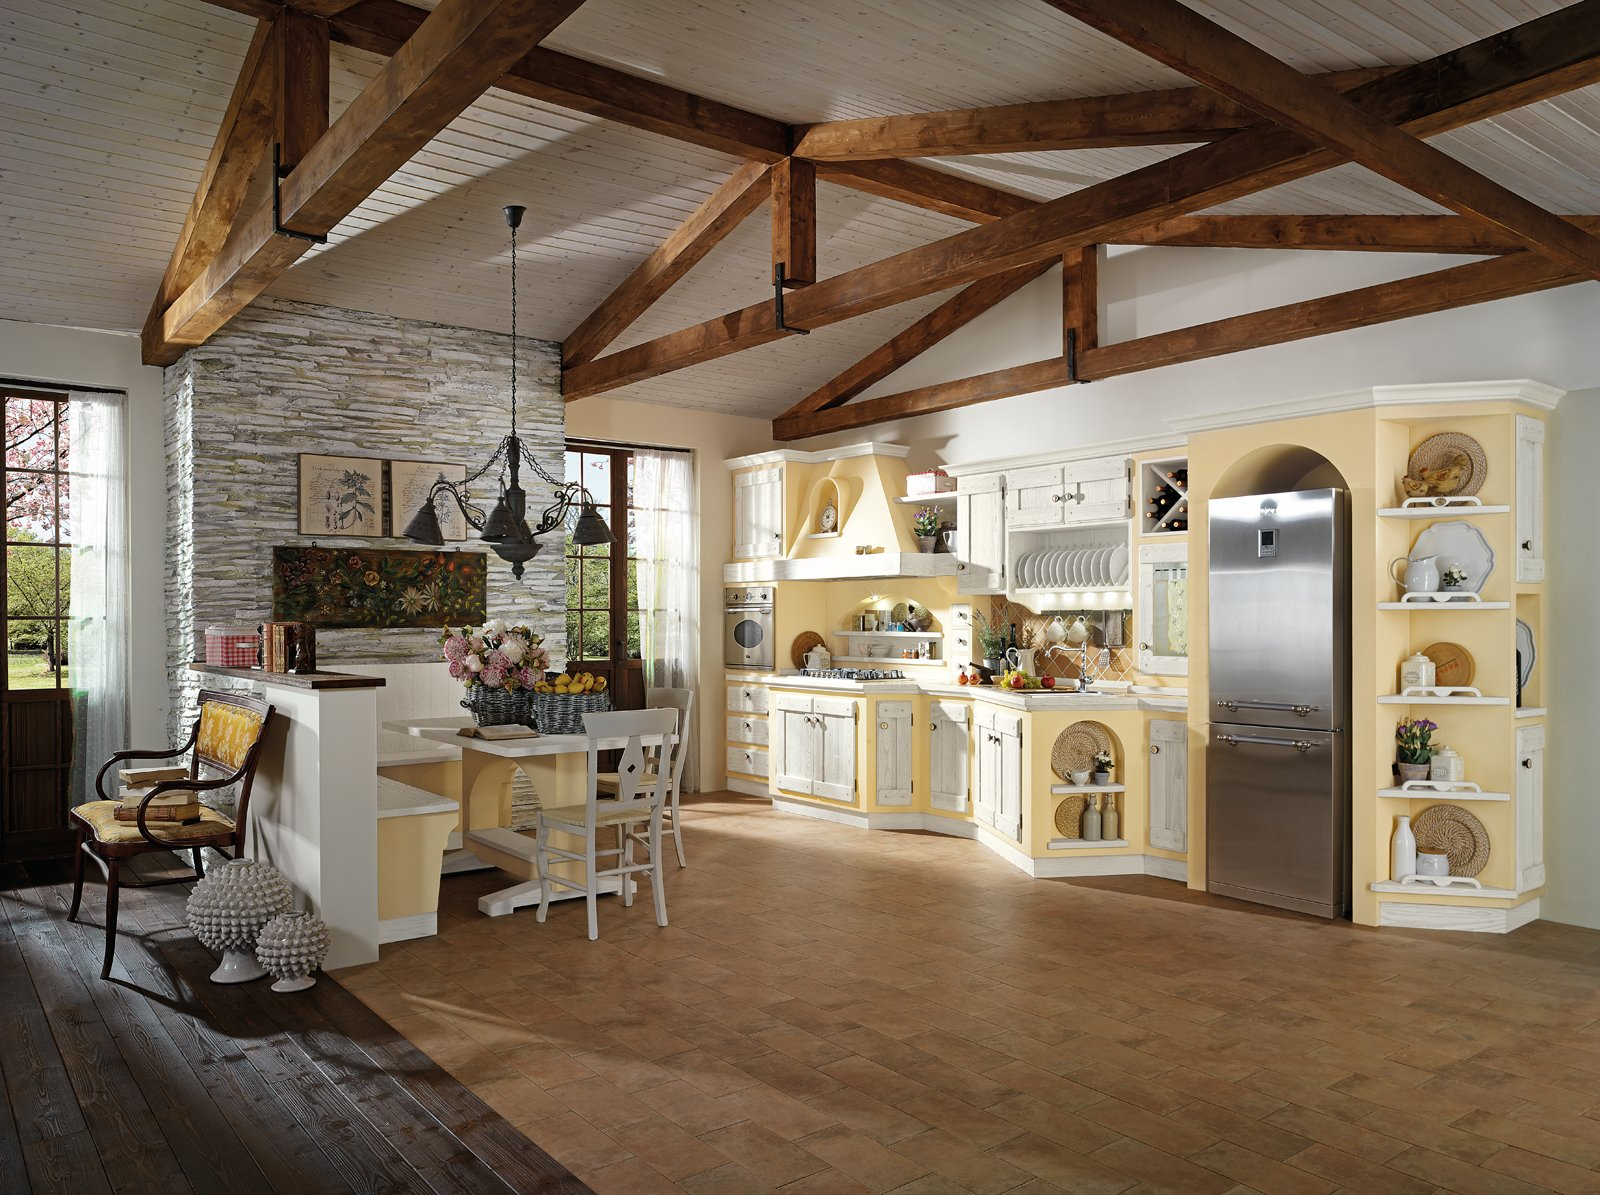 Casa immobiliare, accessori: Piastrellare la cucina